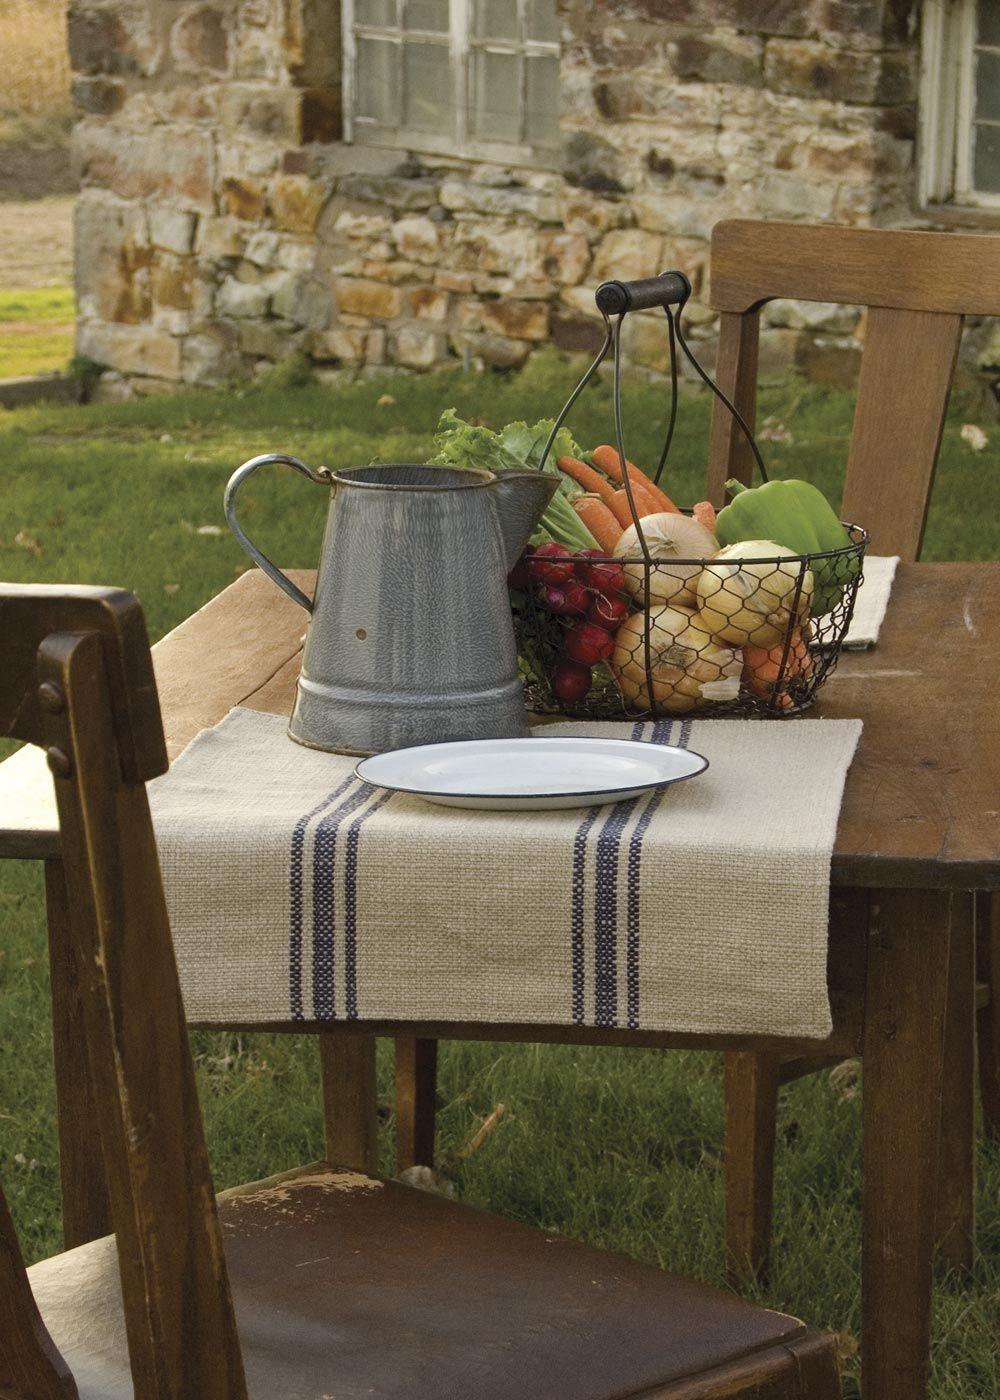 So simple lo que me gusta pinterest arpillera for Casa y campo muebles